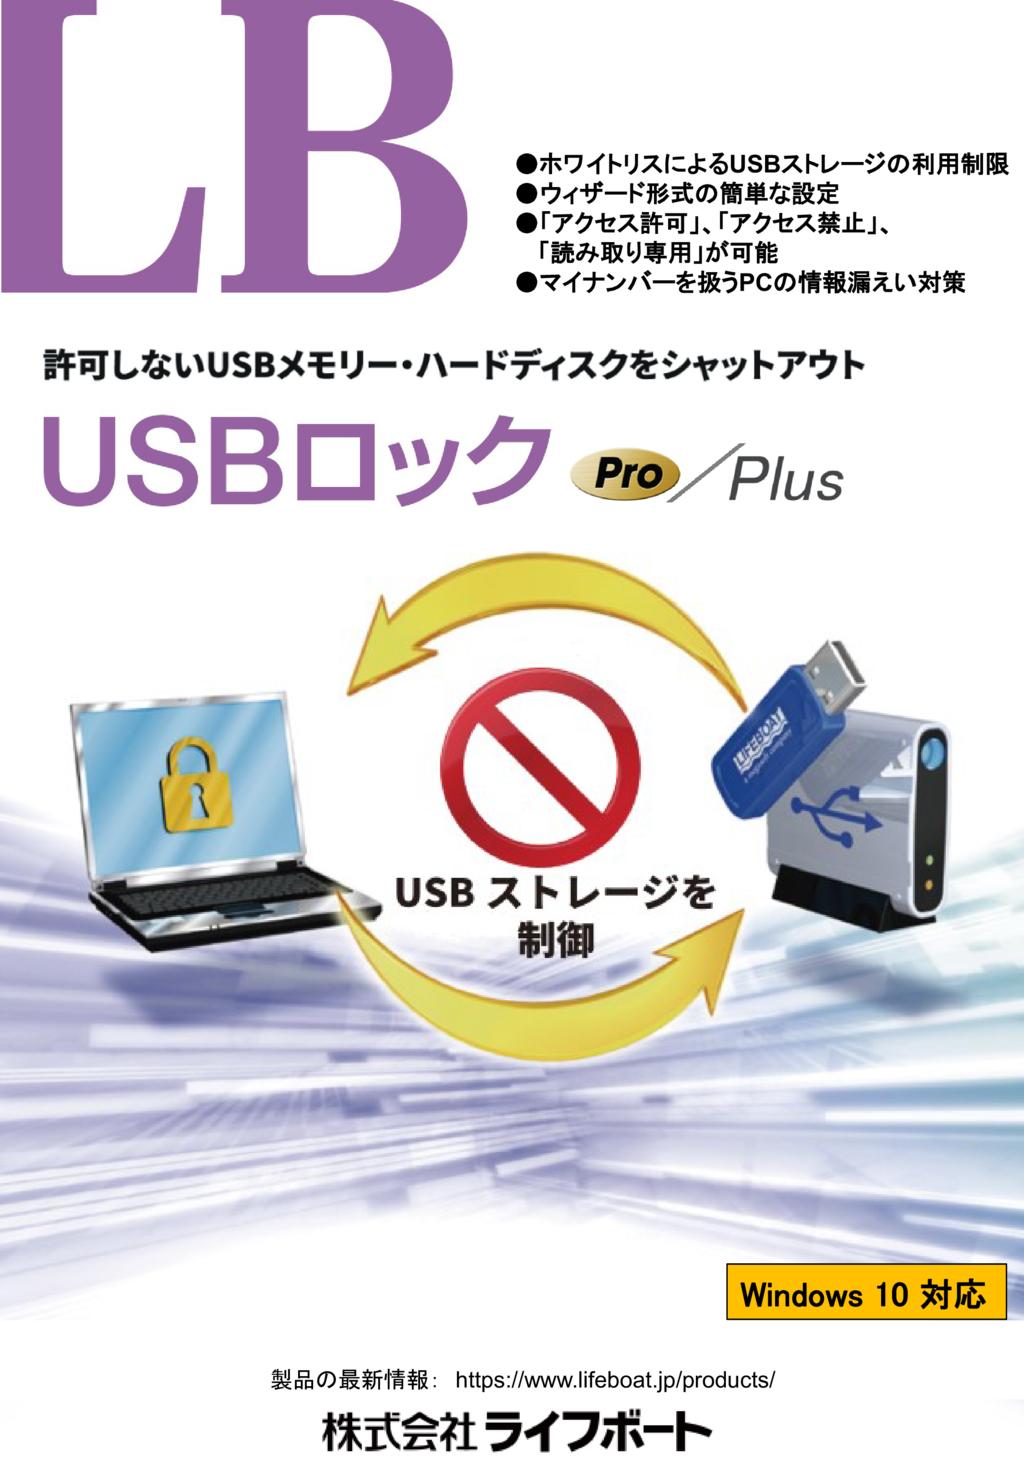 LB USBロック Proの資料